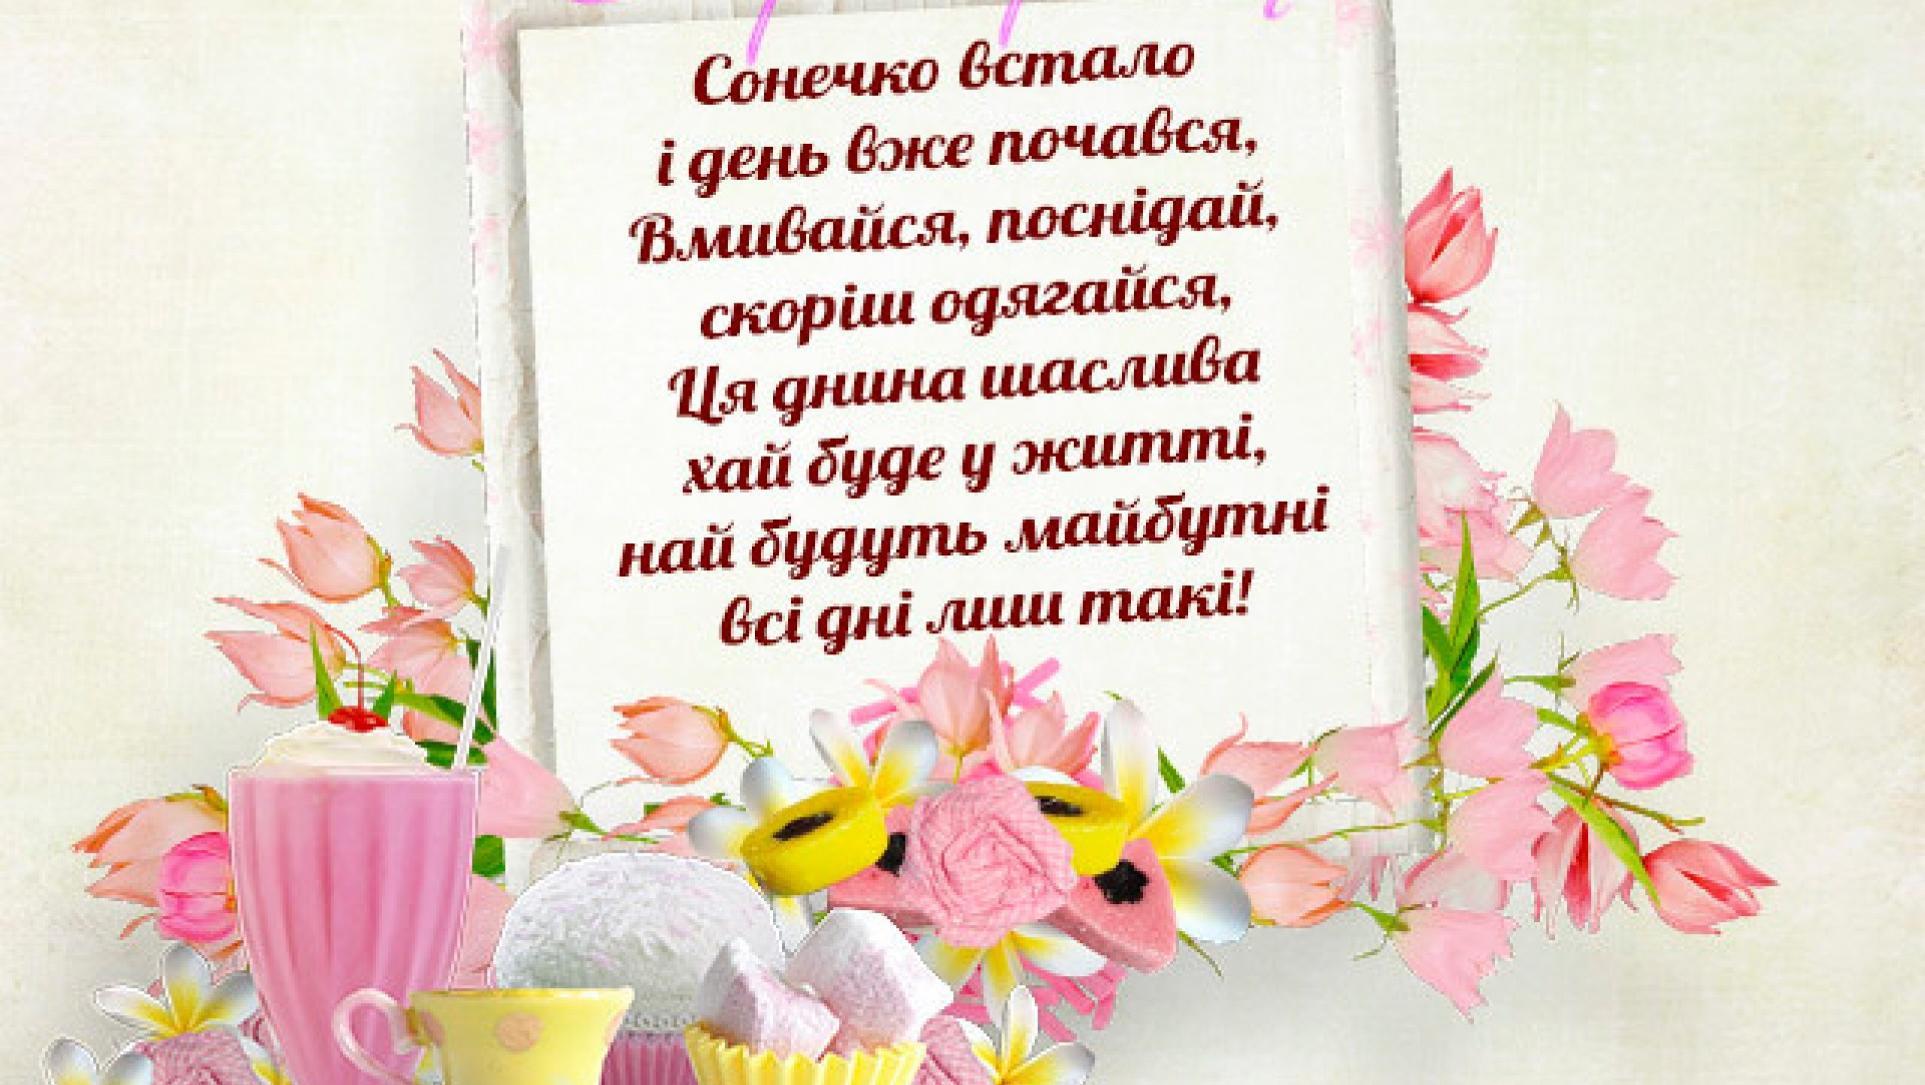 Поздравления на украинском языке для папы на